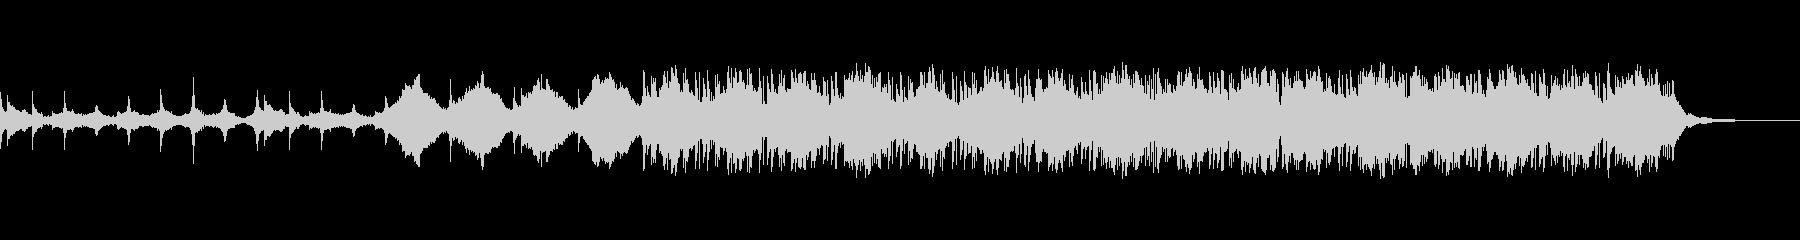 幻想的でノスタルジックなピアノの未再生の波形